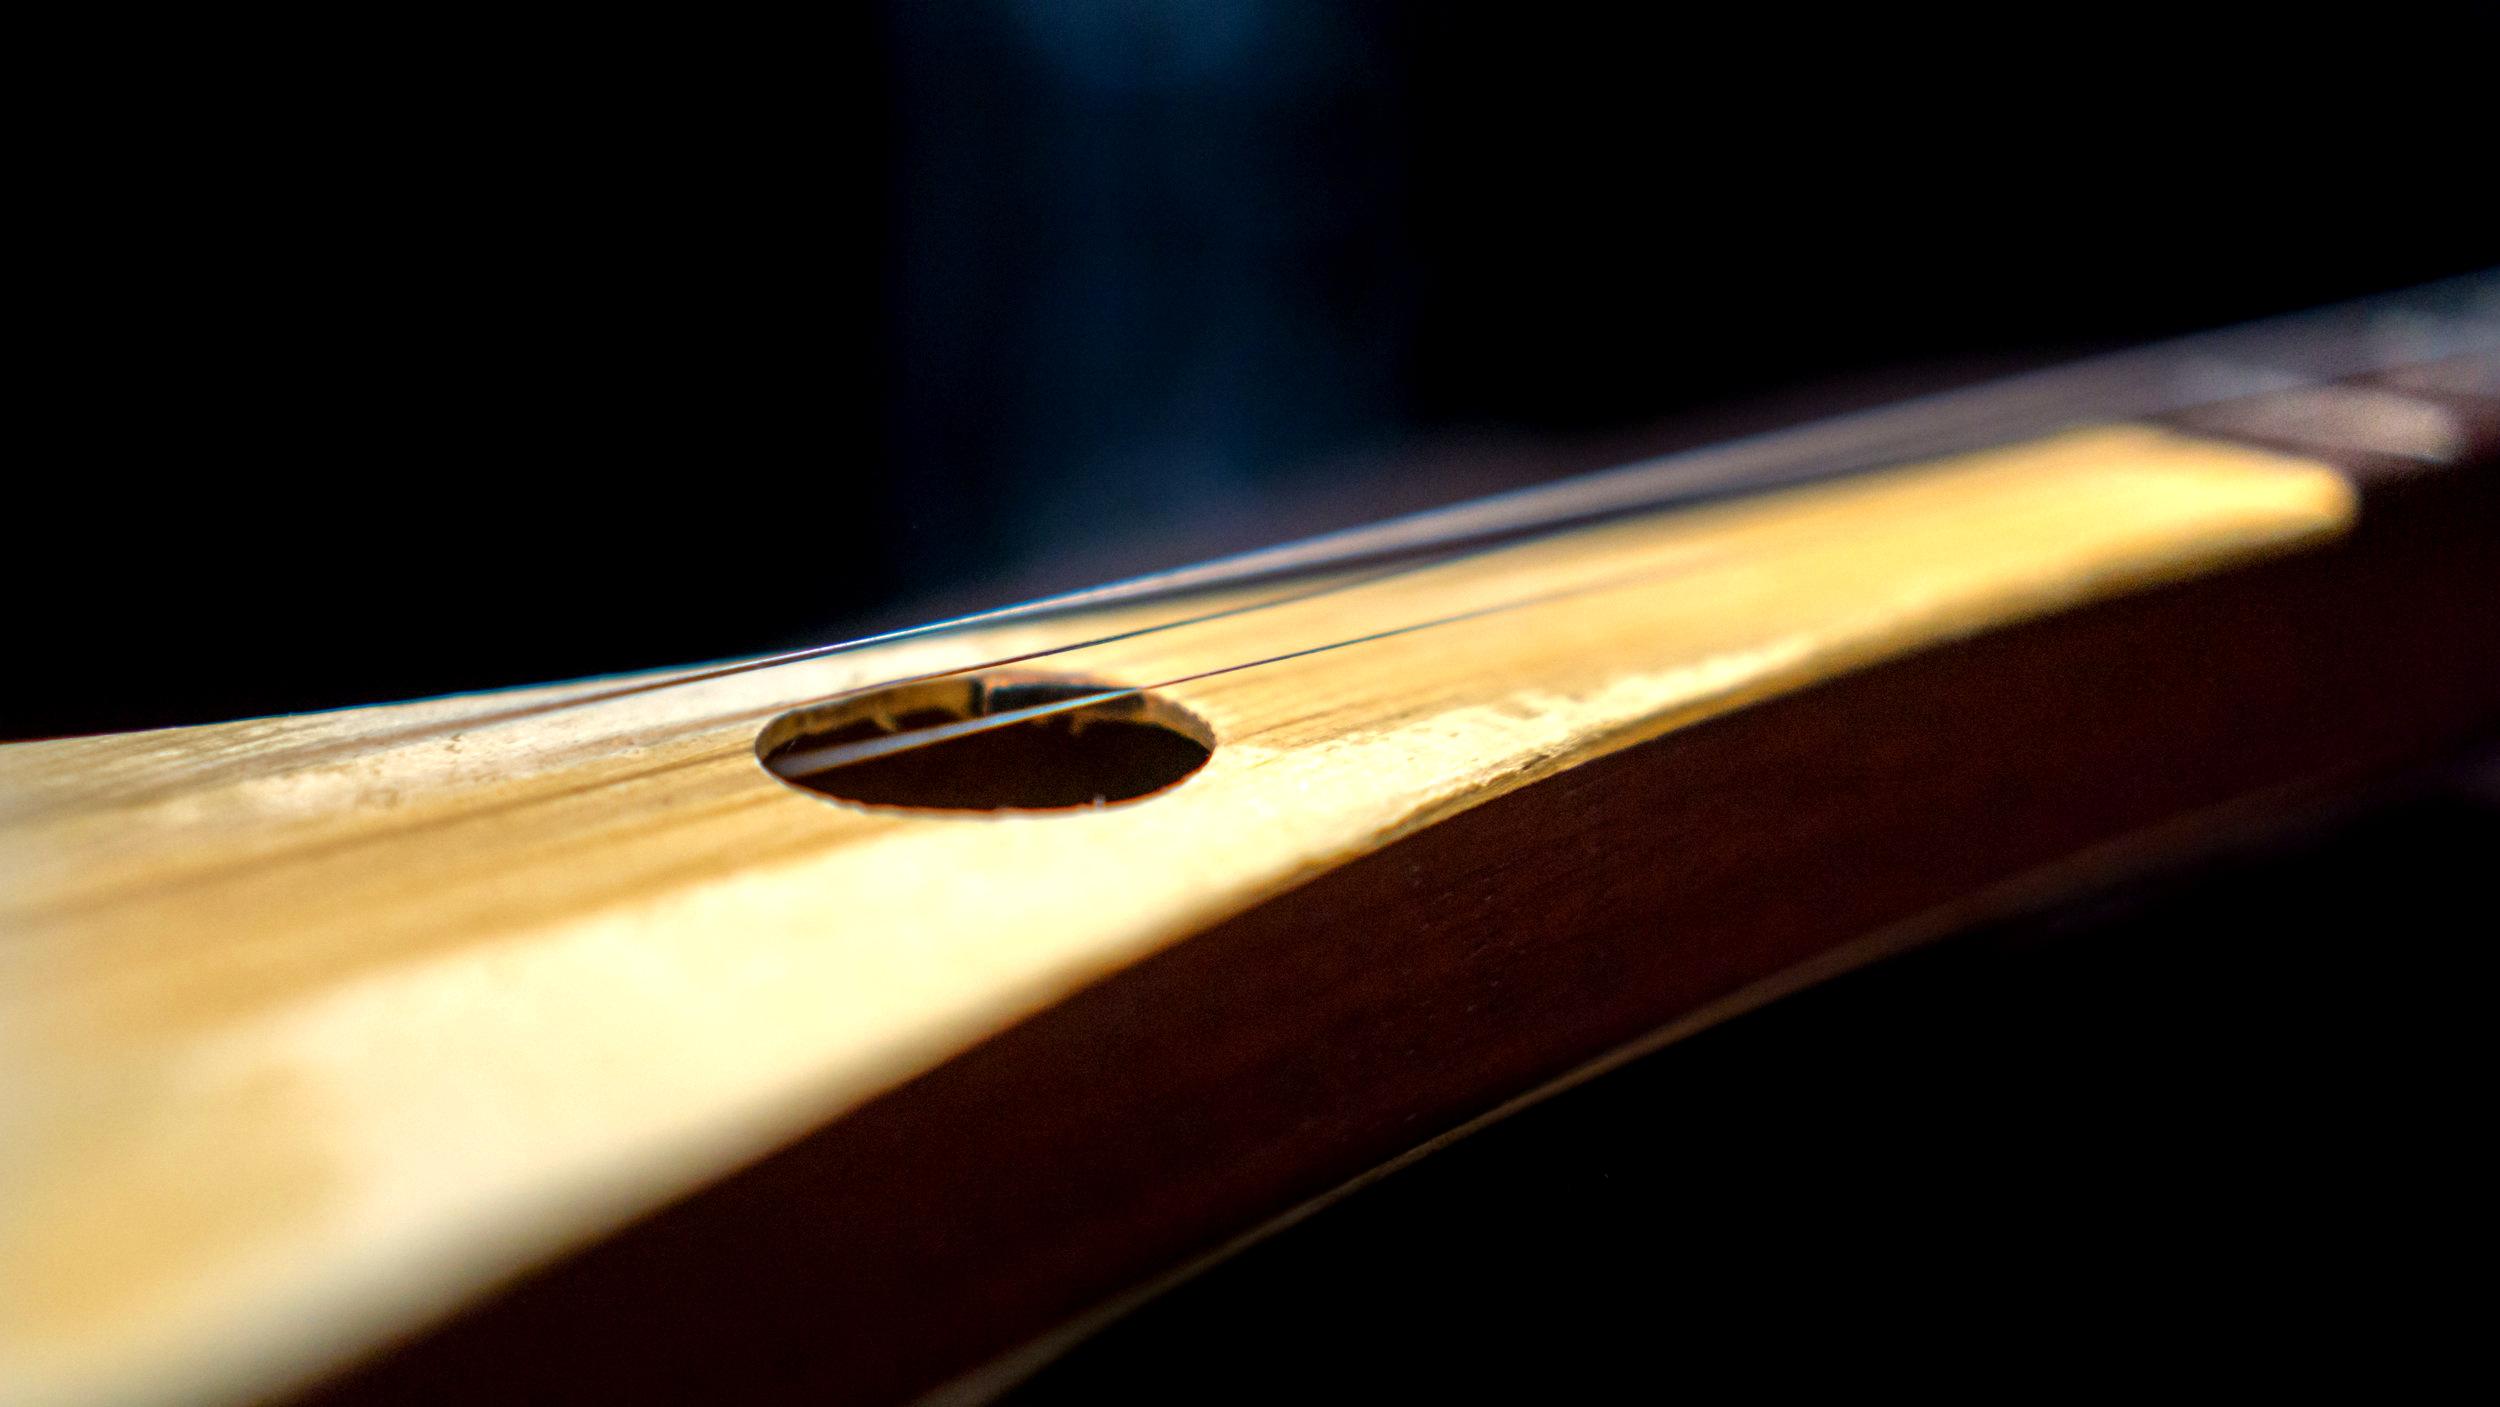 Strumstick side